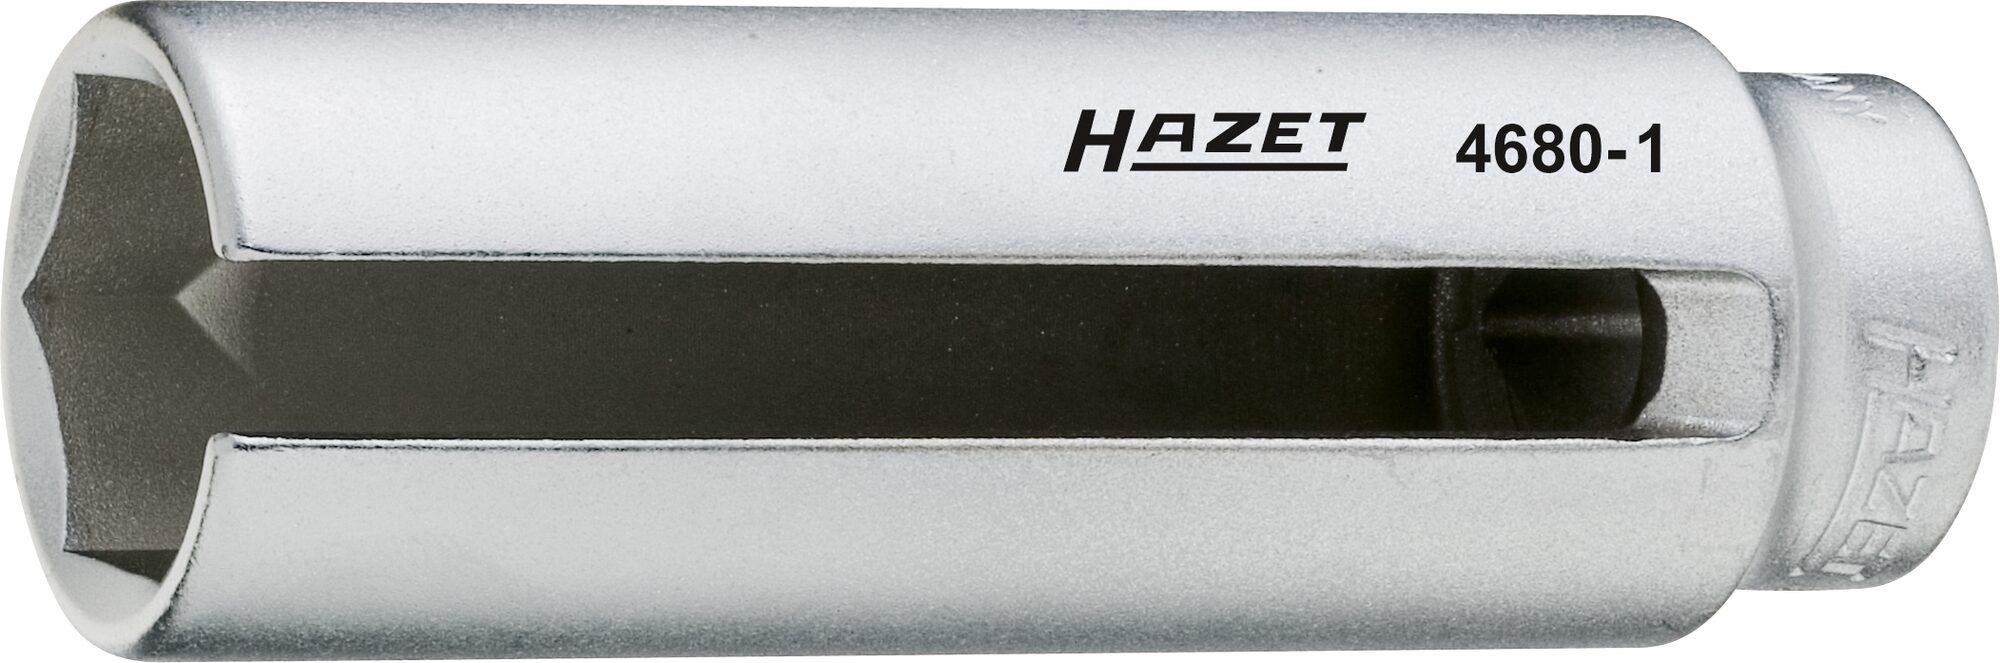 HAZET Lambda-Sonden Einsatz 4680-1 ∙ Vierkant hohl 12,5 mm (1/2 Zoll) ∙ Außen-Sechskant Profil ∙ 22 mm